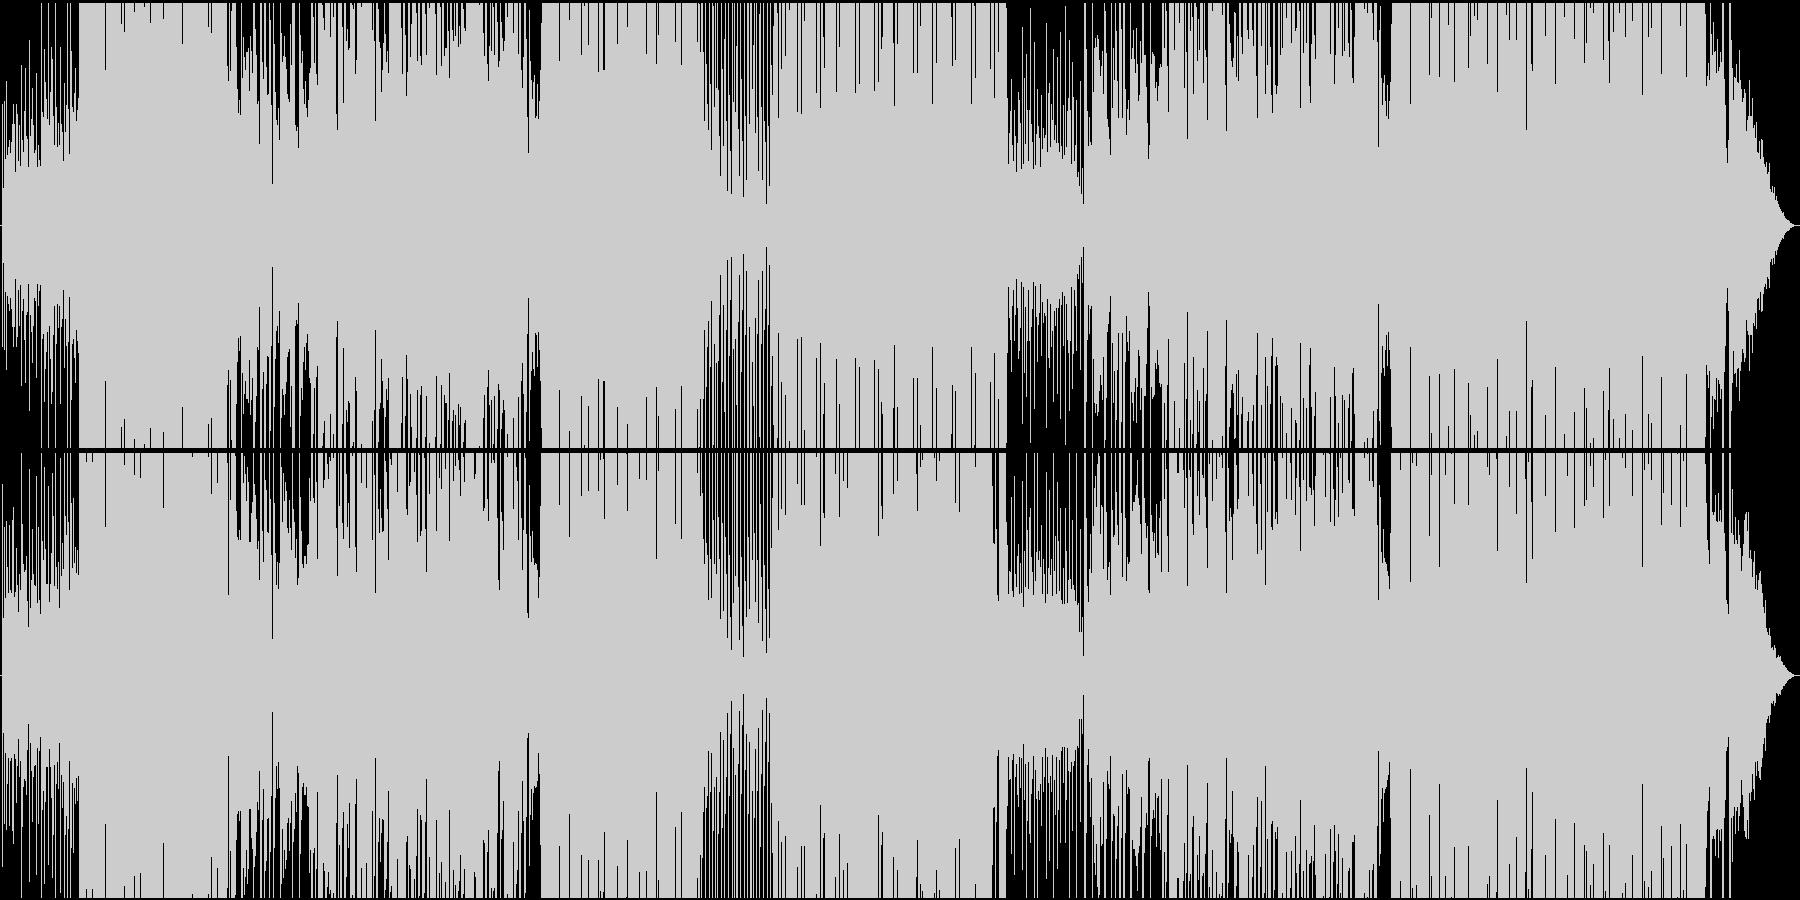 Reggaeton爽やかシーケンスEDMの未再生の波形